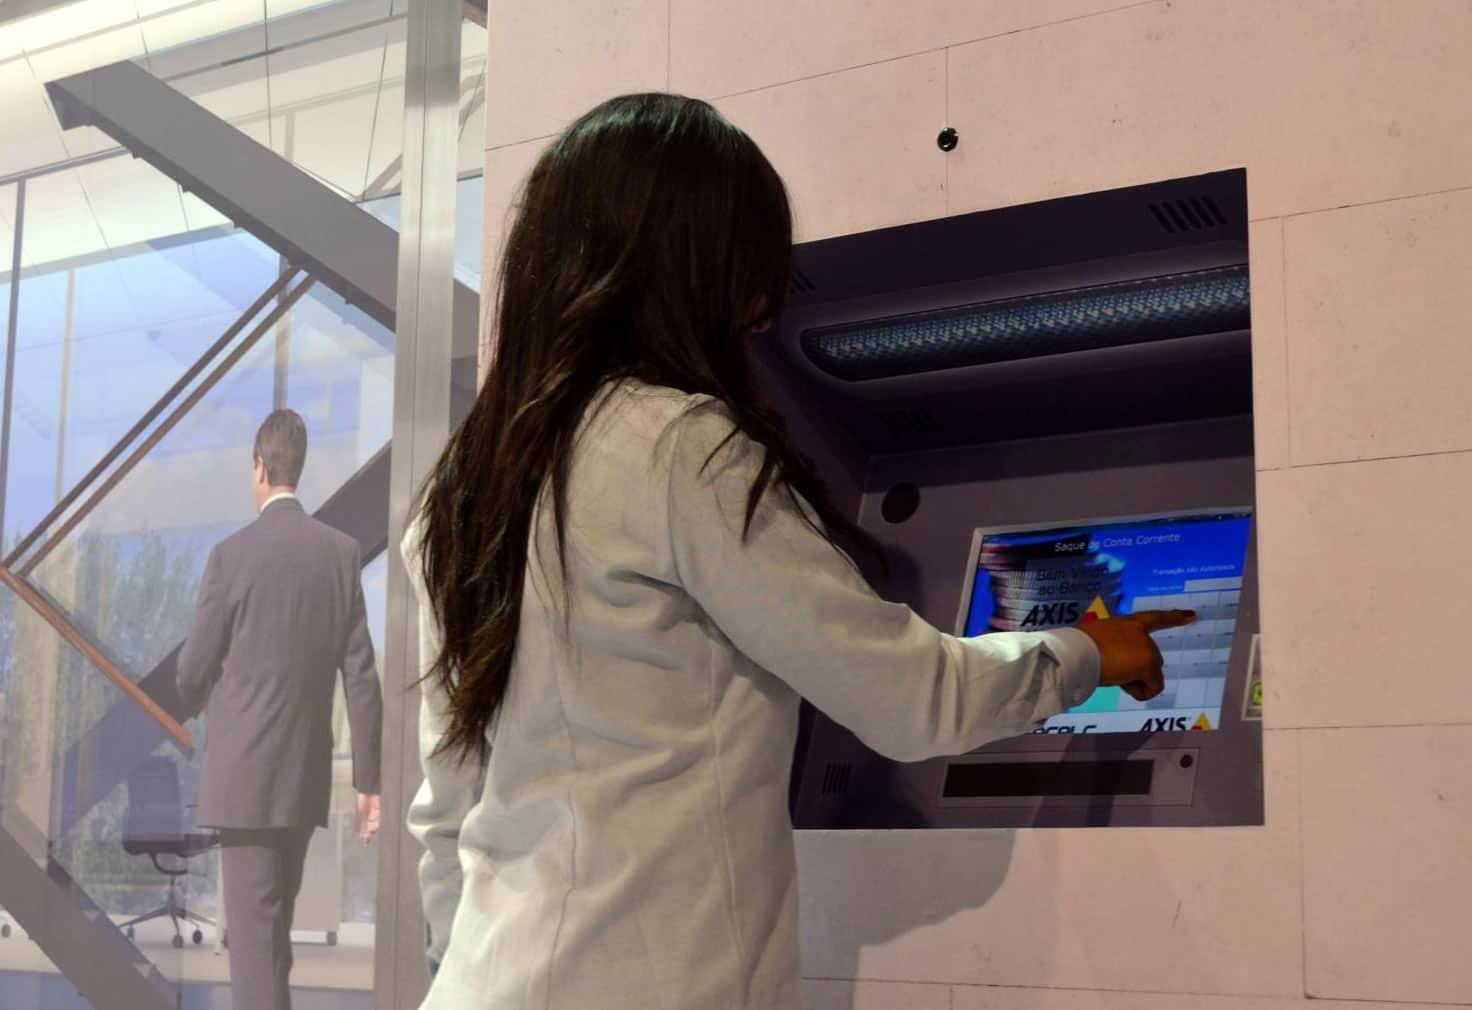 Cajero automático con reconocimiento facial presentado por Axis.